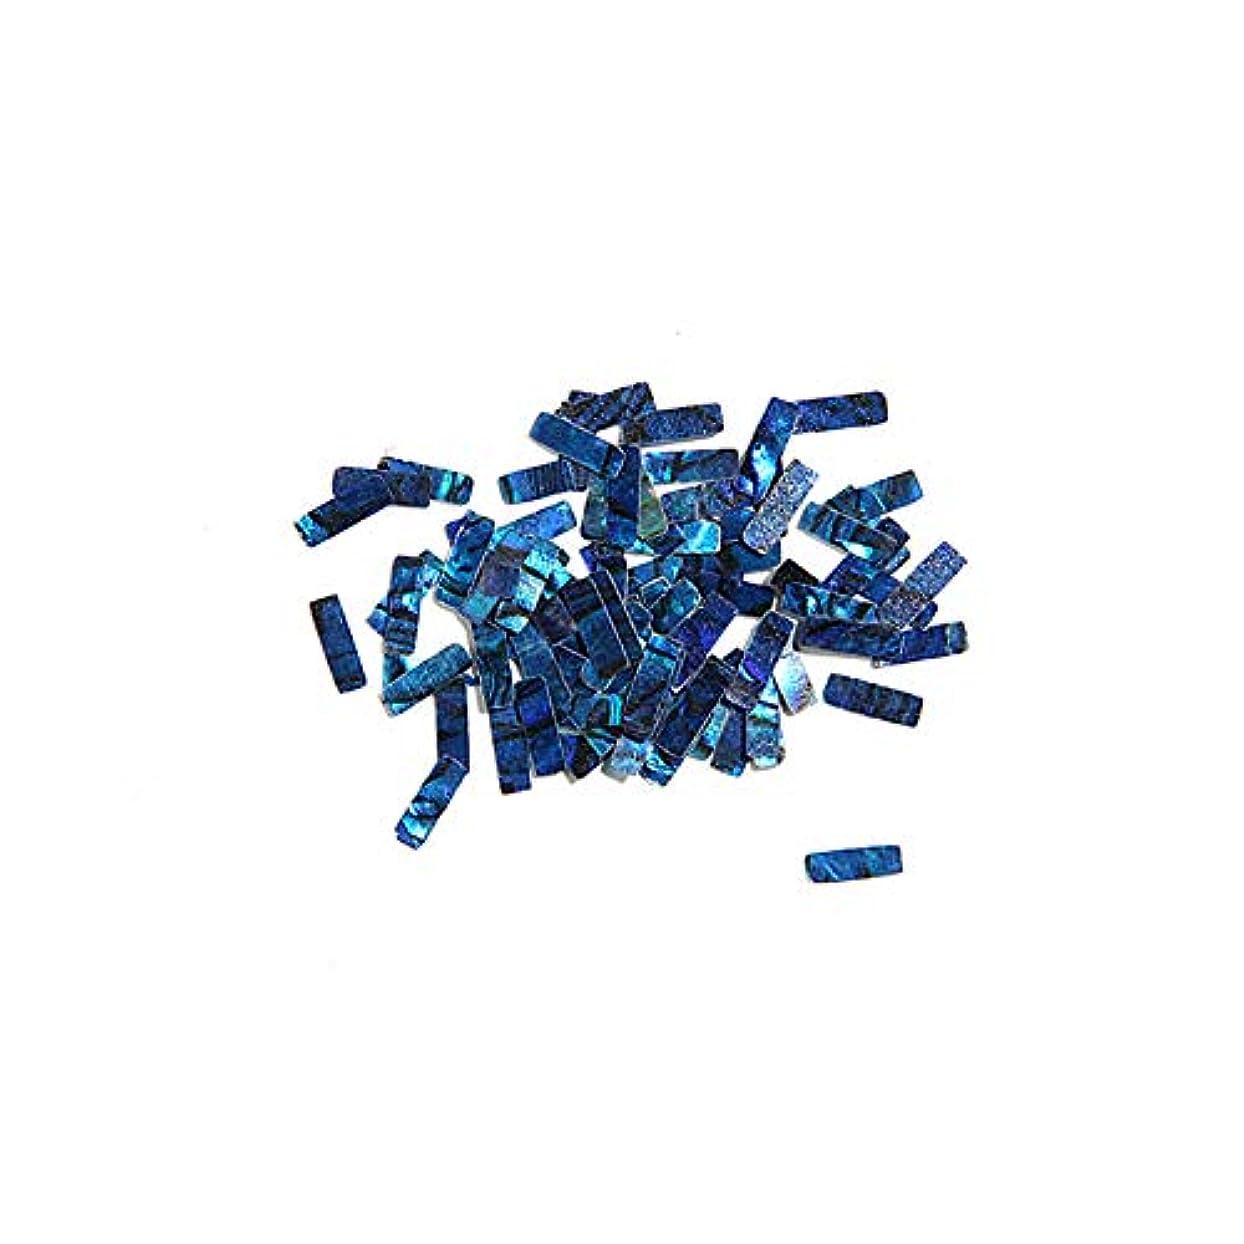 の間で生態学コンパスSnner ネイル グリッター ラメ キラキラ ラメパウダー ネイルアートパーツ レジン用 ジェルネイル おしゃれ プレゼント ネイル用装飾 彩られる ネイルステッカー (YH53-02)